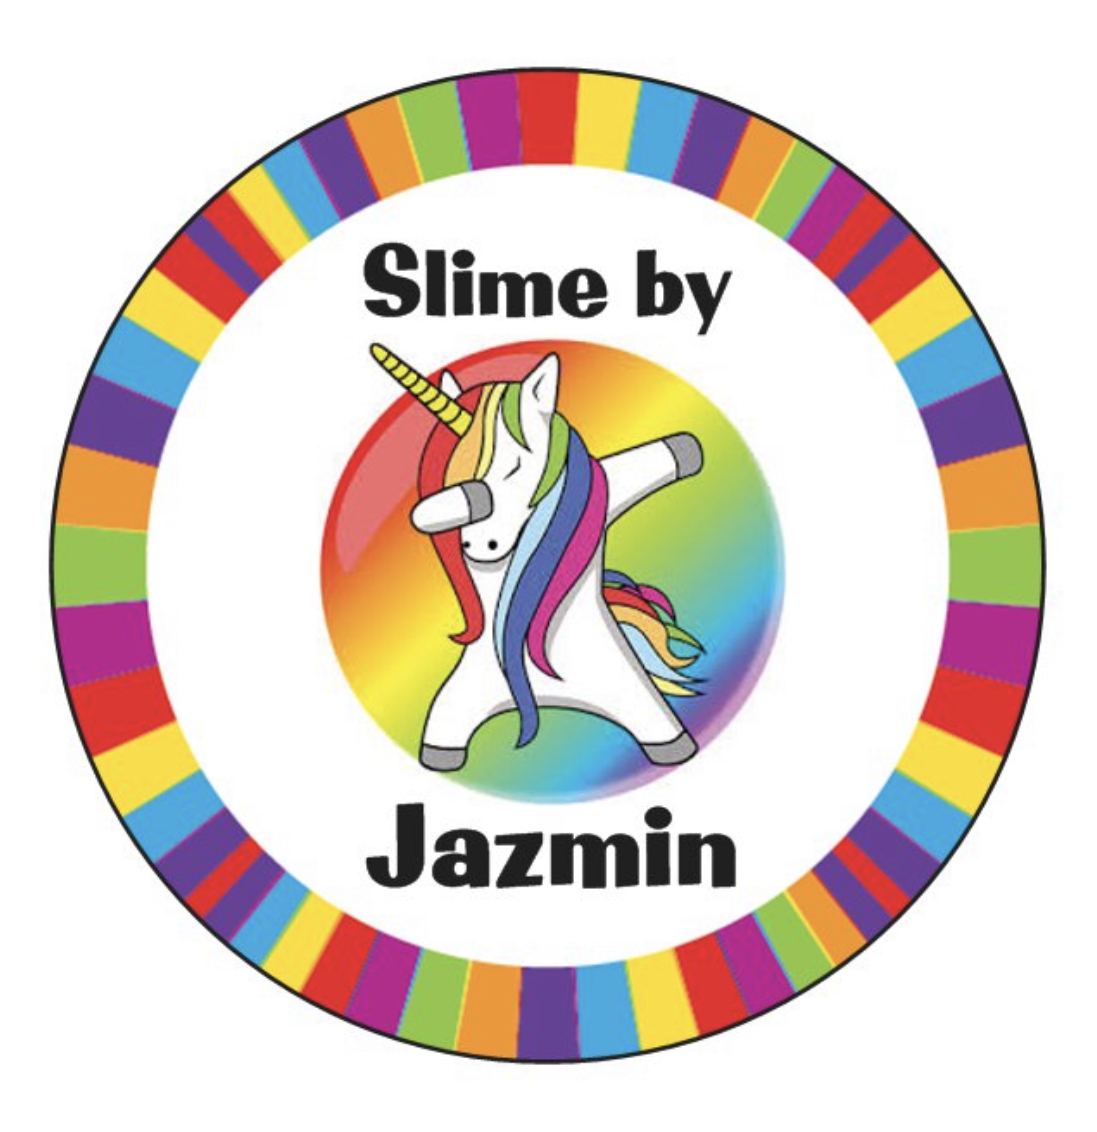 slime-by-jazmin.jpeg